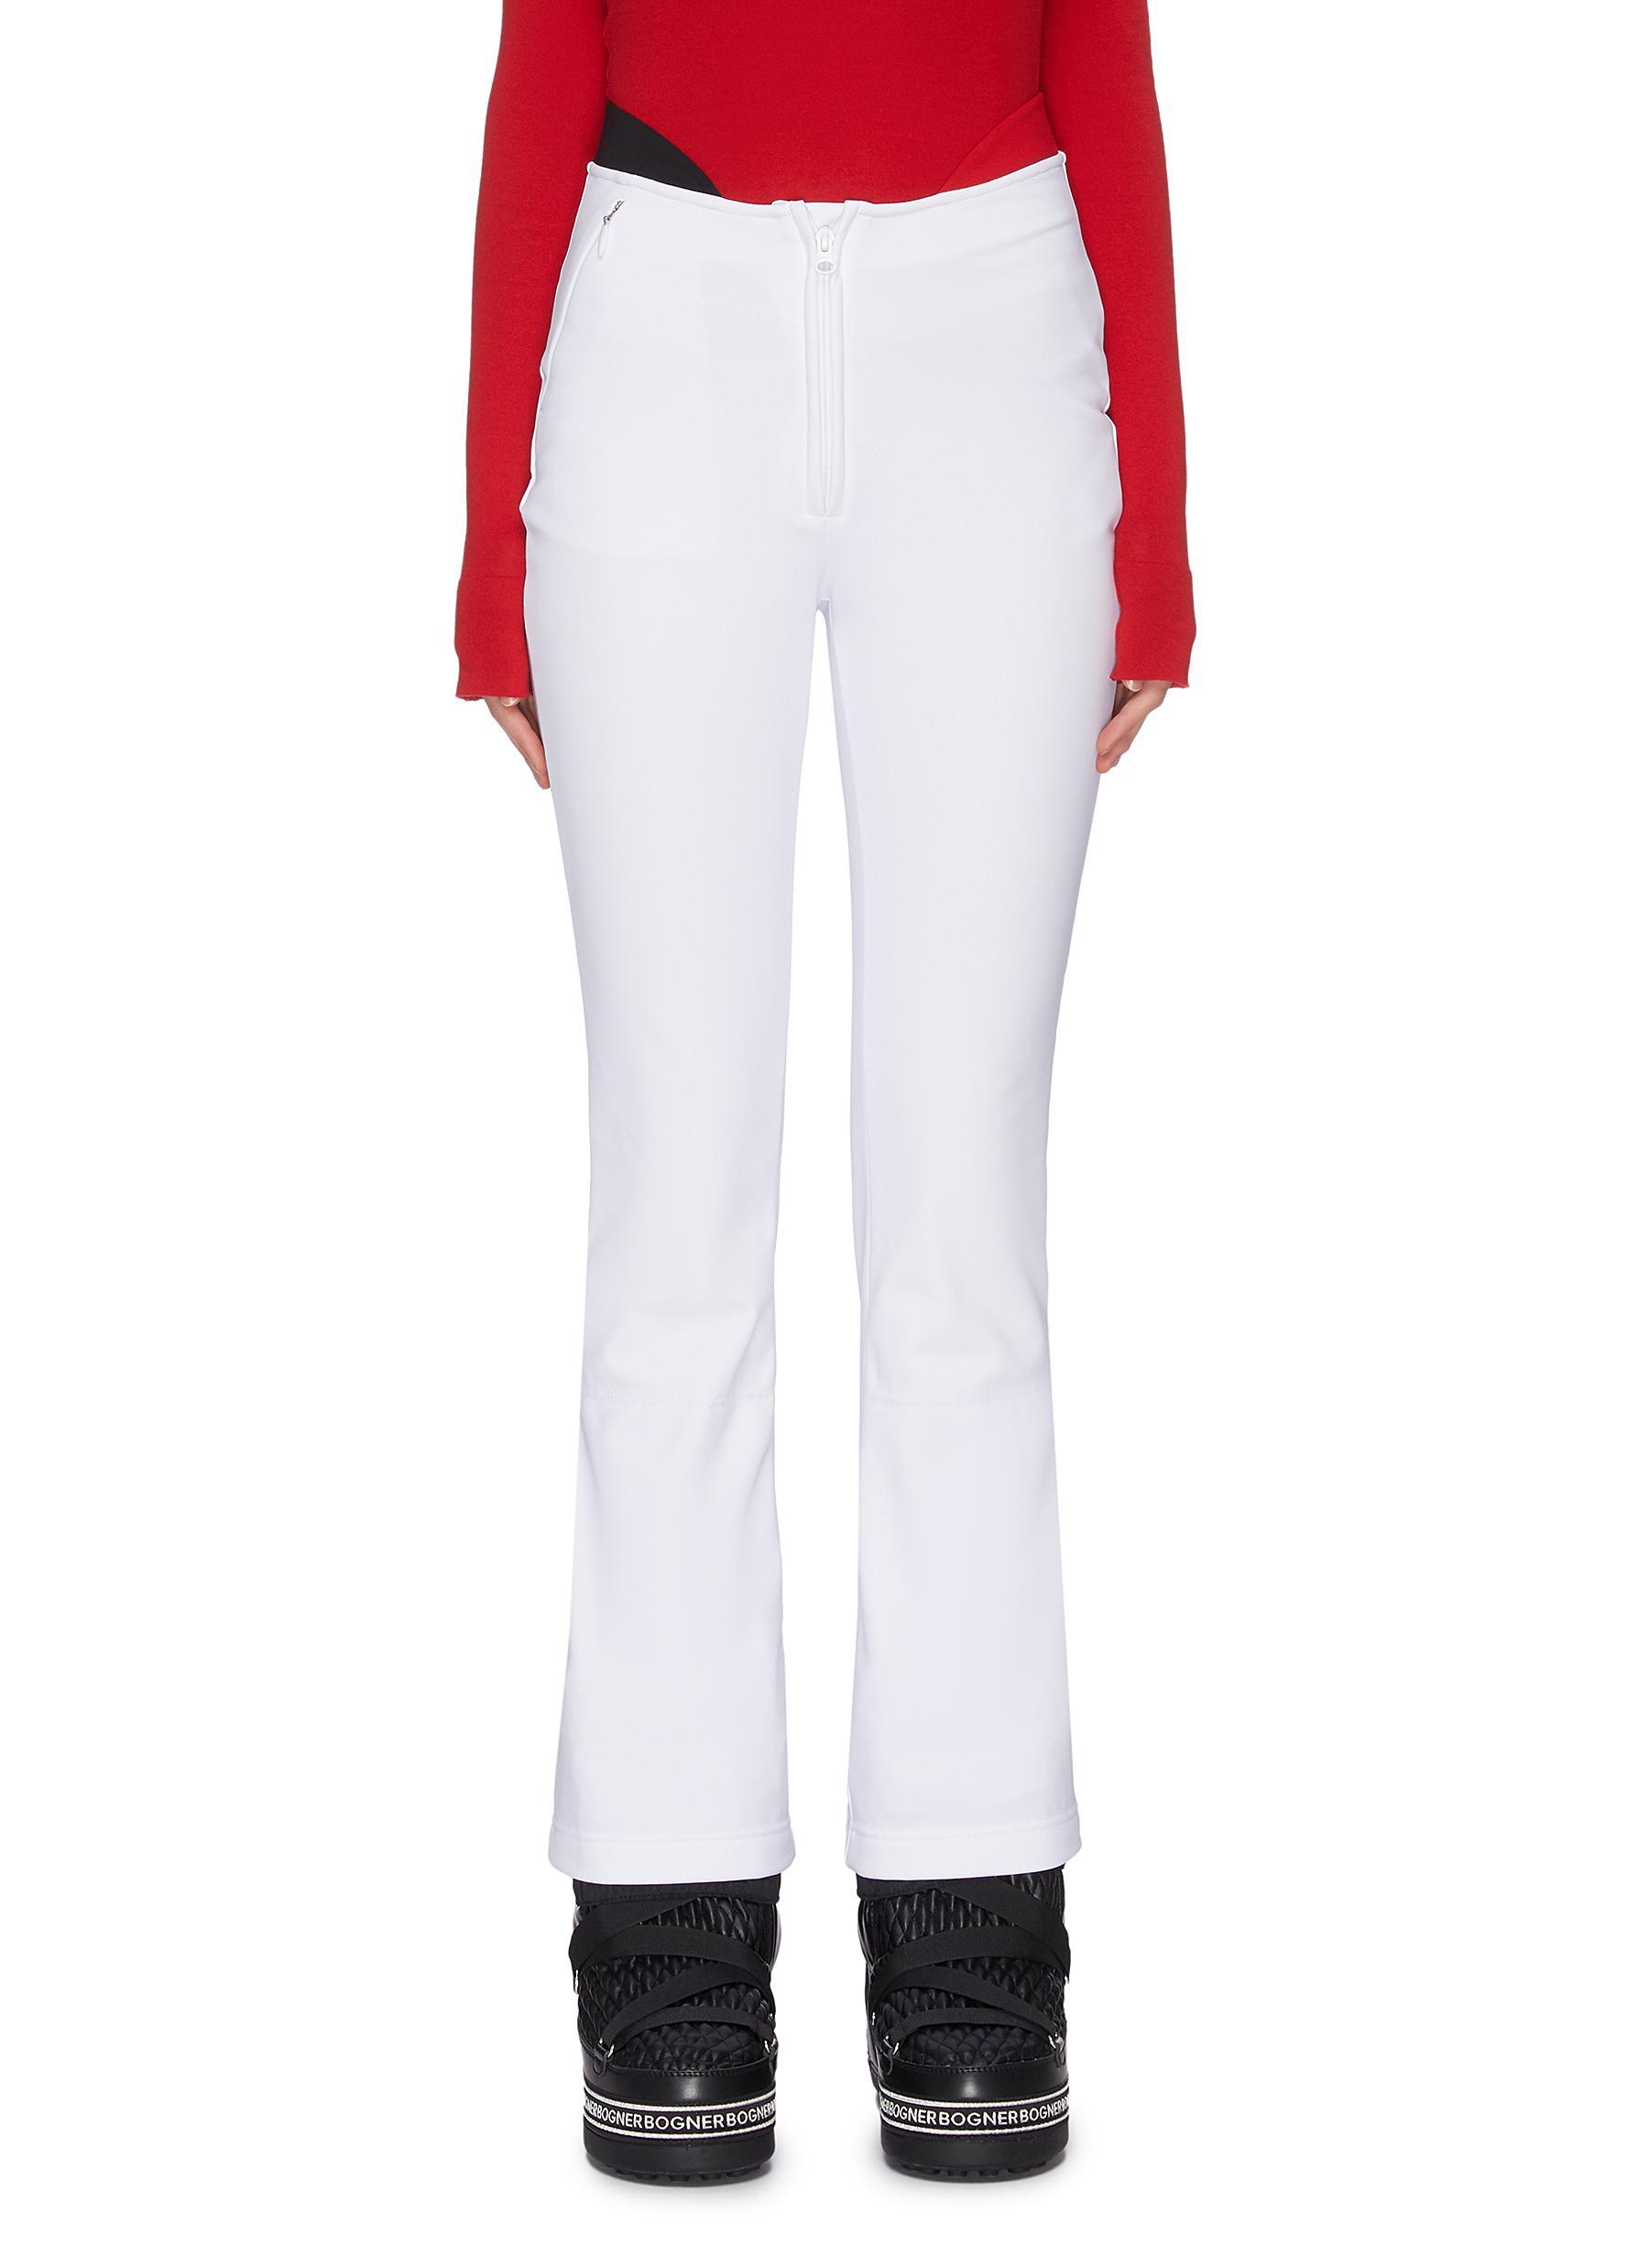 shop Rossignol 'Medaille' soft shell ski pants online